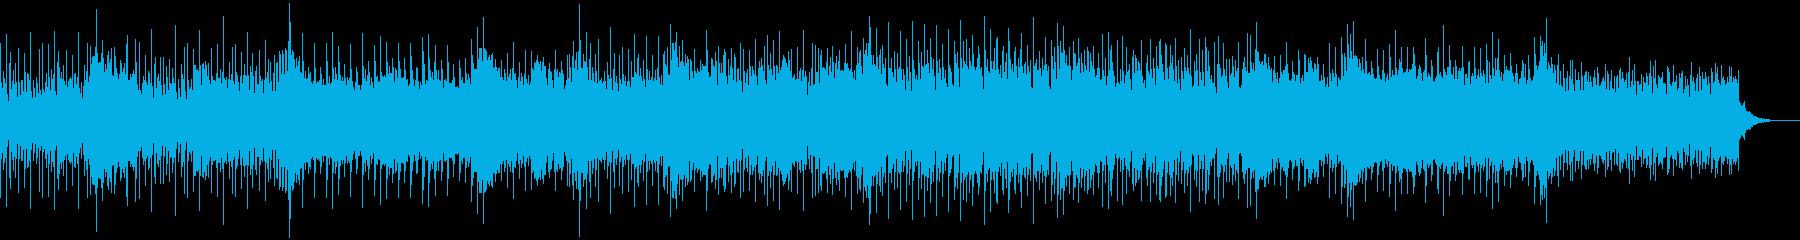 不思議な雰囲気の流れるようなBGMの再生済みの波形